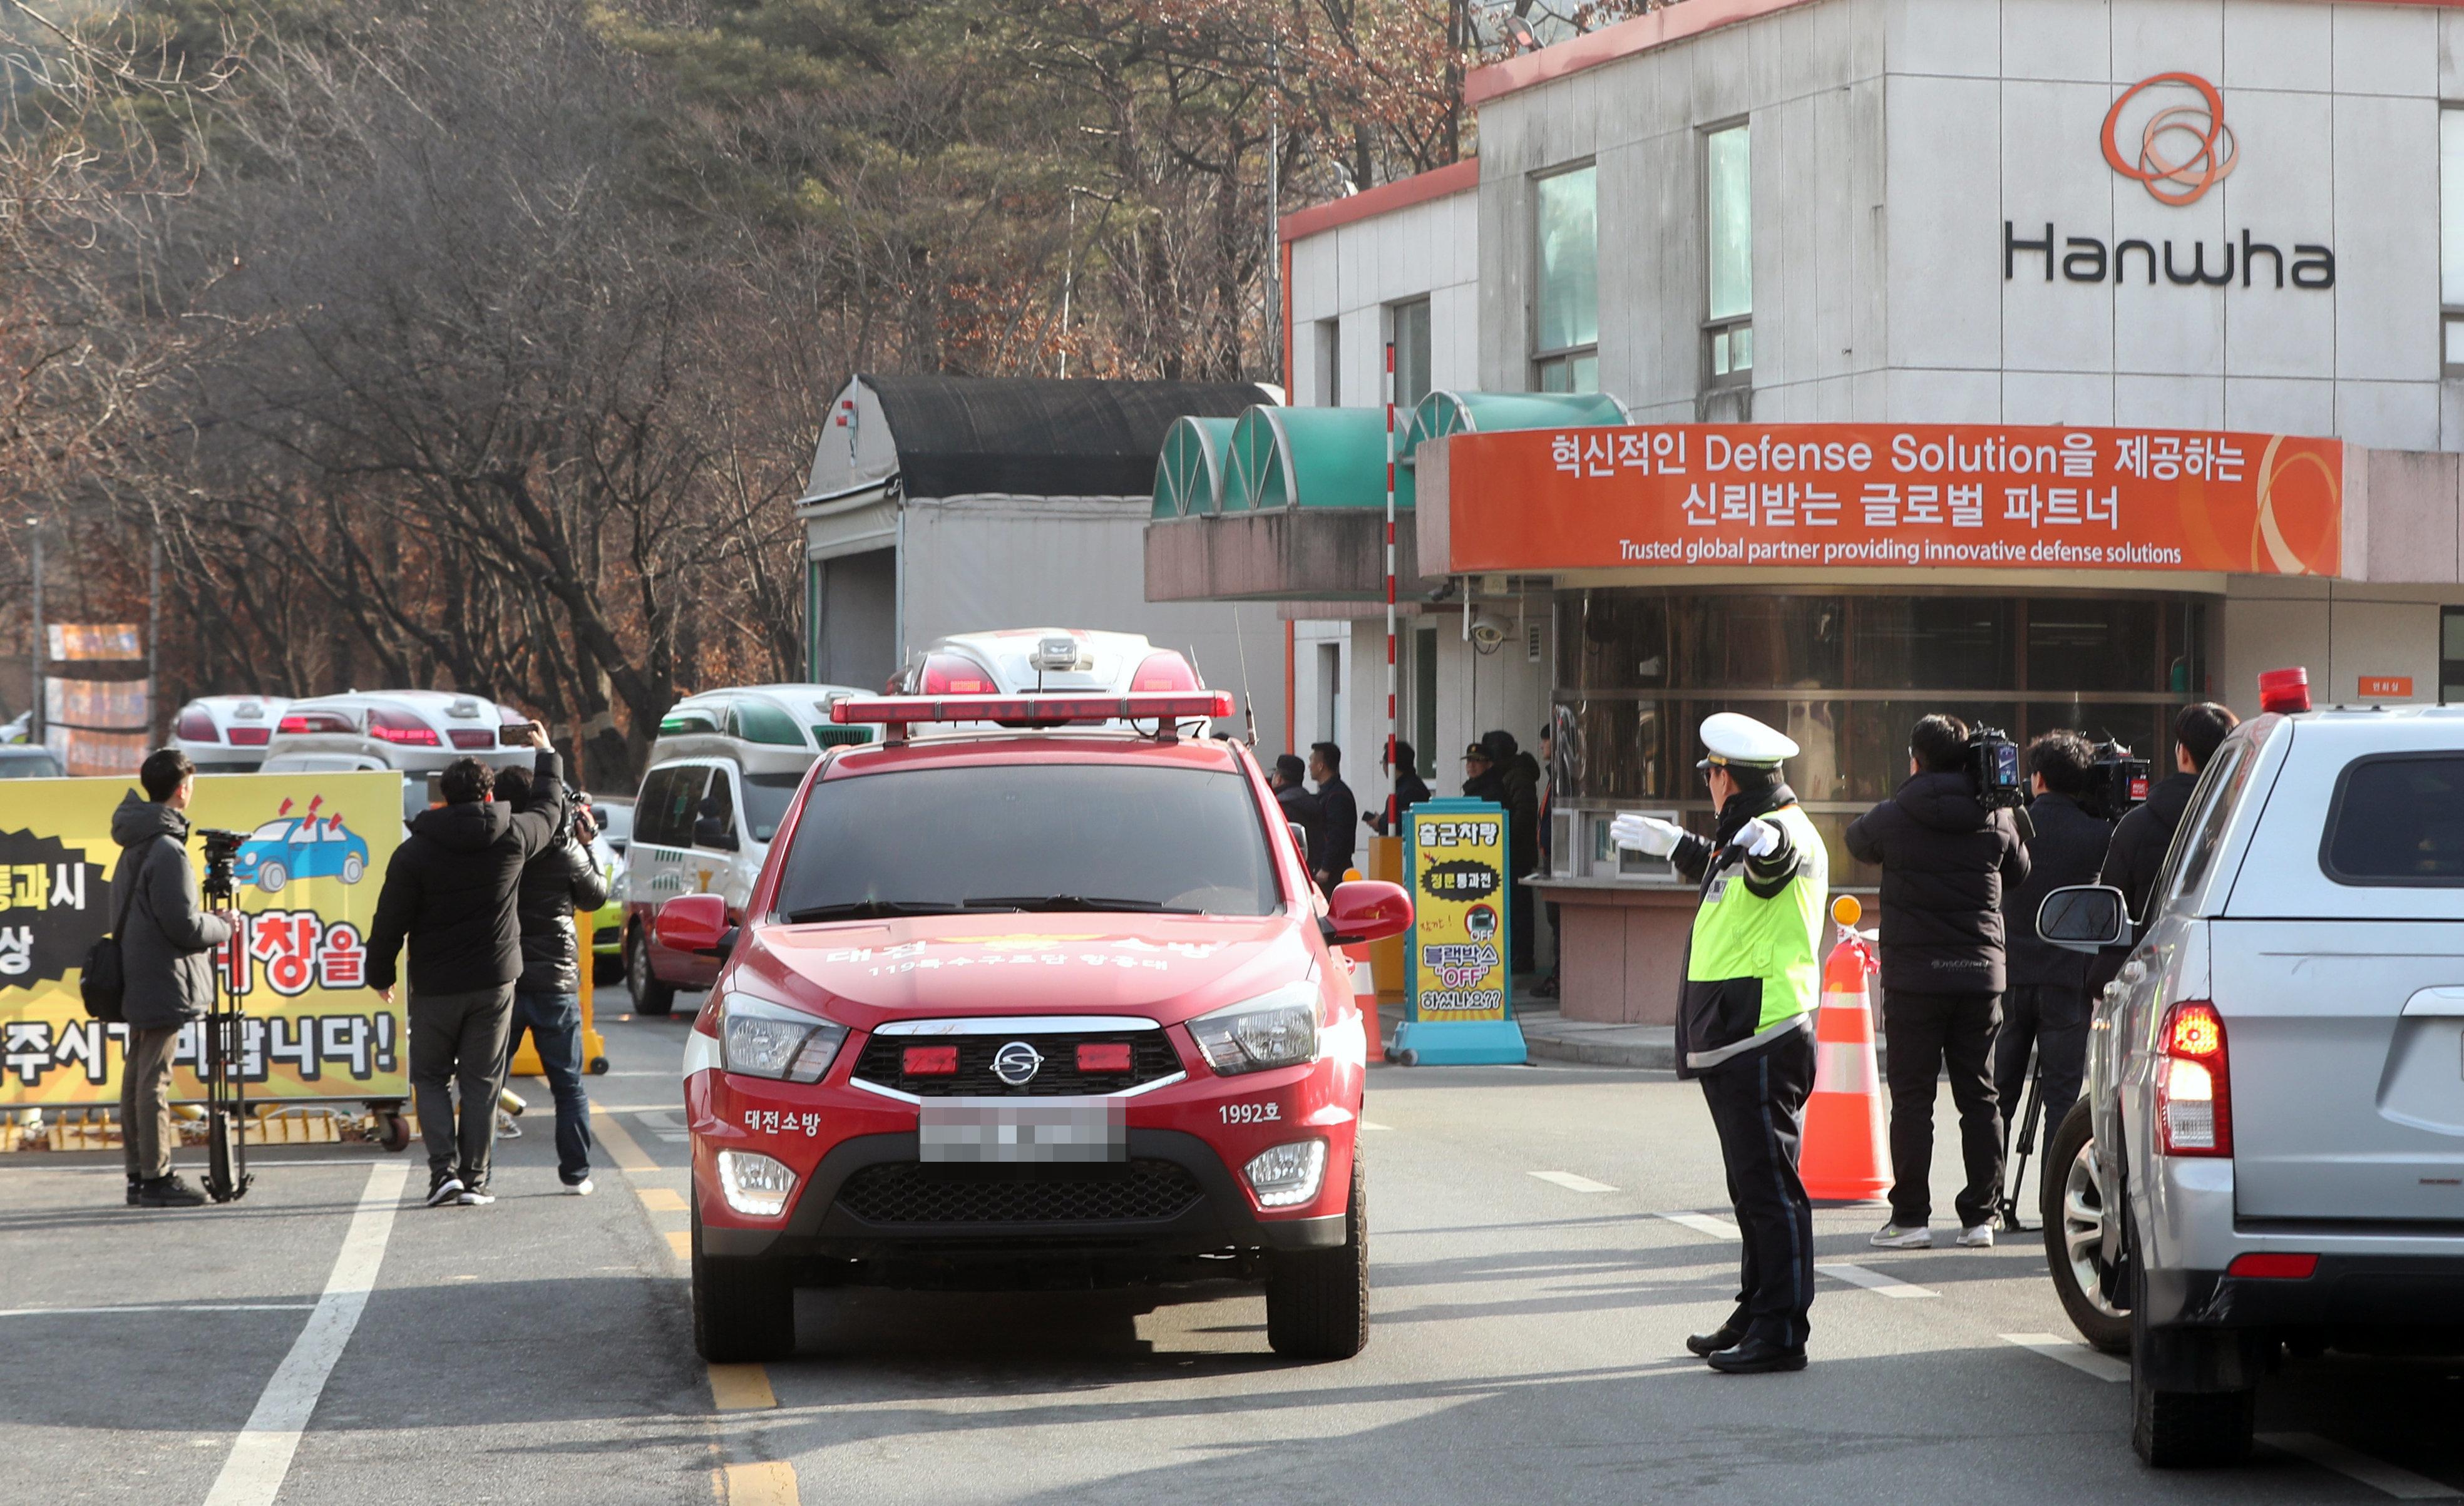 한화 대전공장서 폭발사고가 발생해 3명이 사망하고 1명이